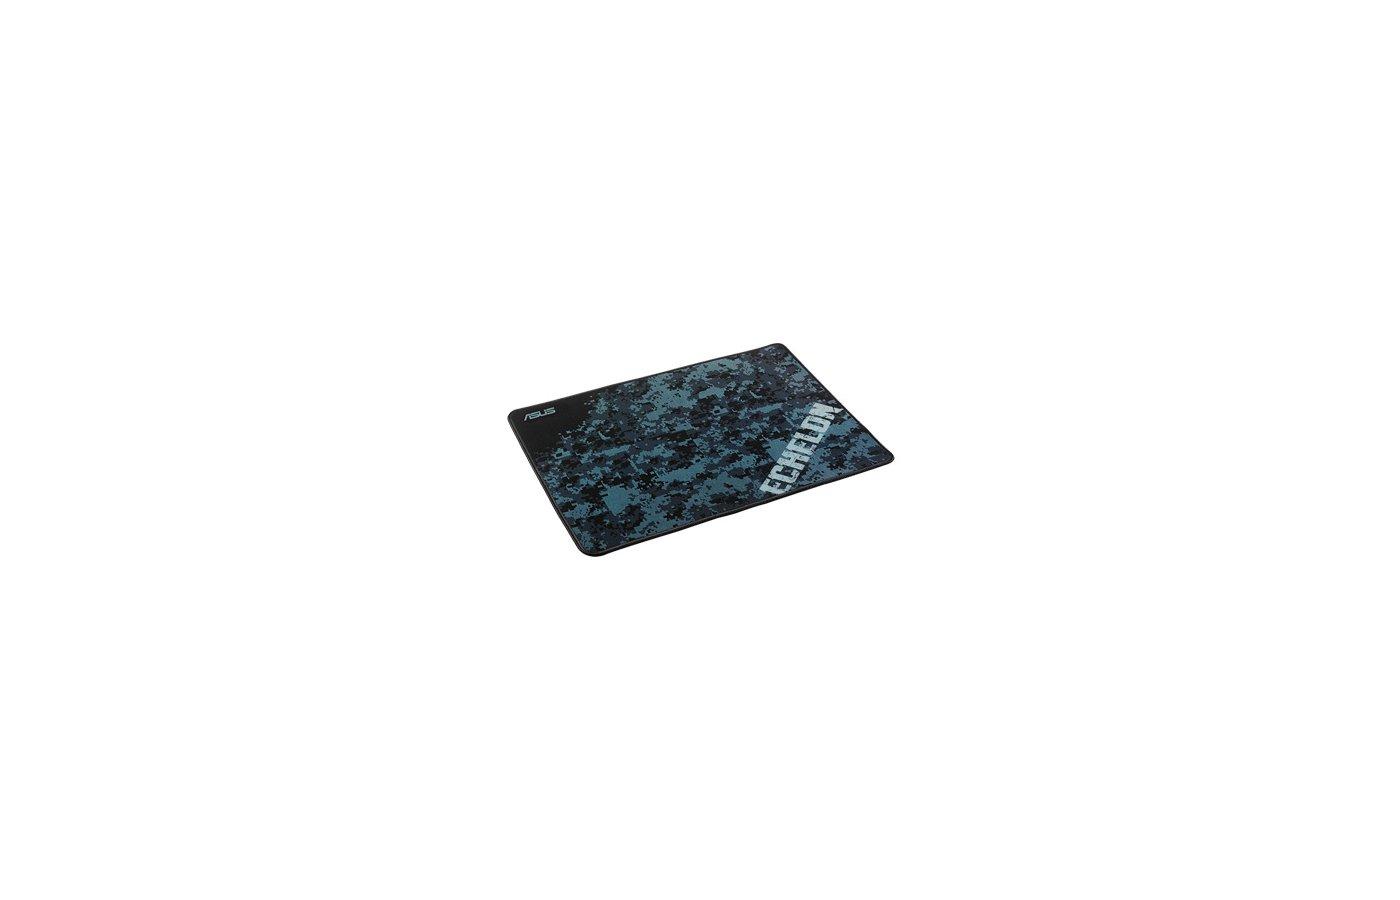 Коврик для мыши Asus Echelon камуфляж резина/ткань